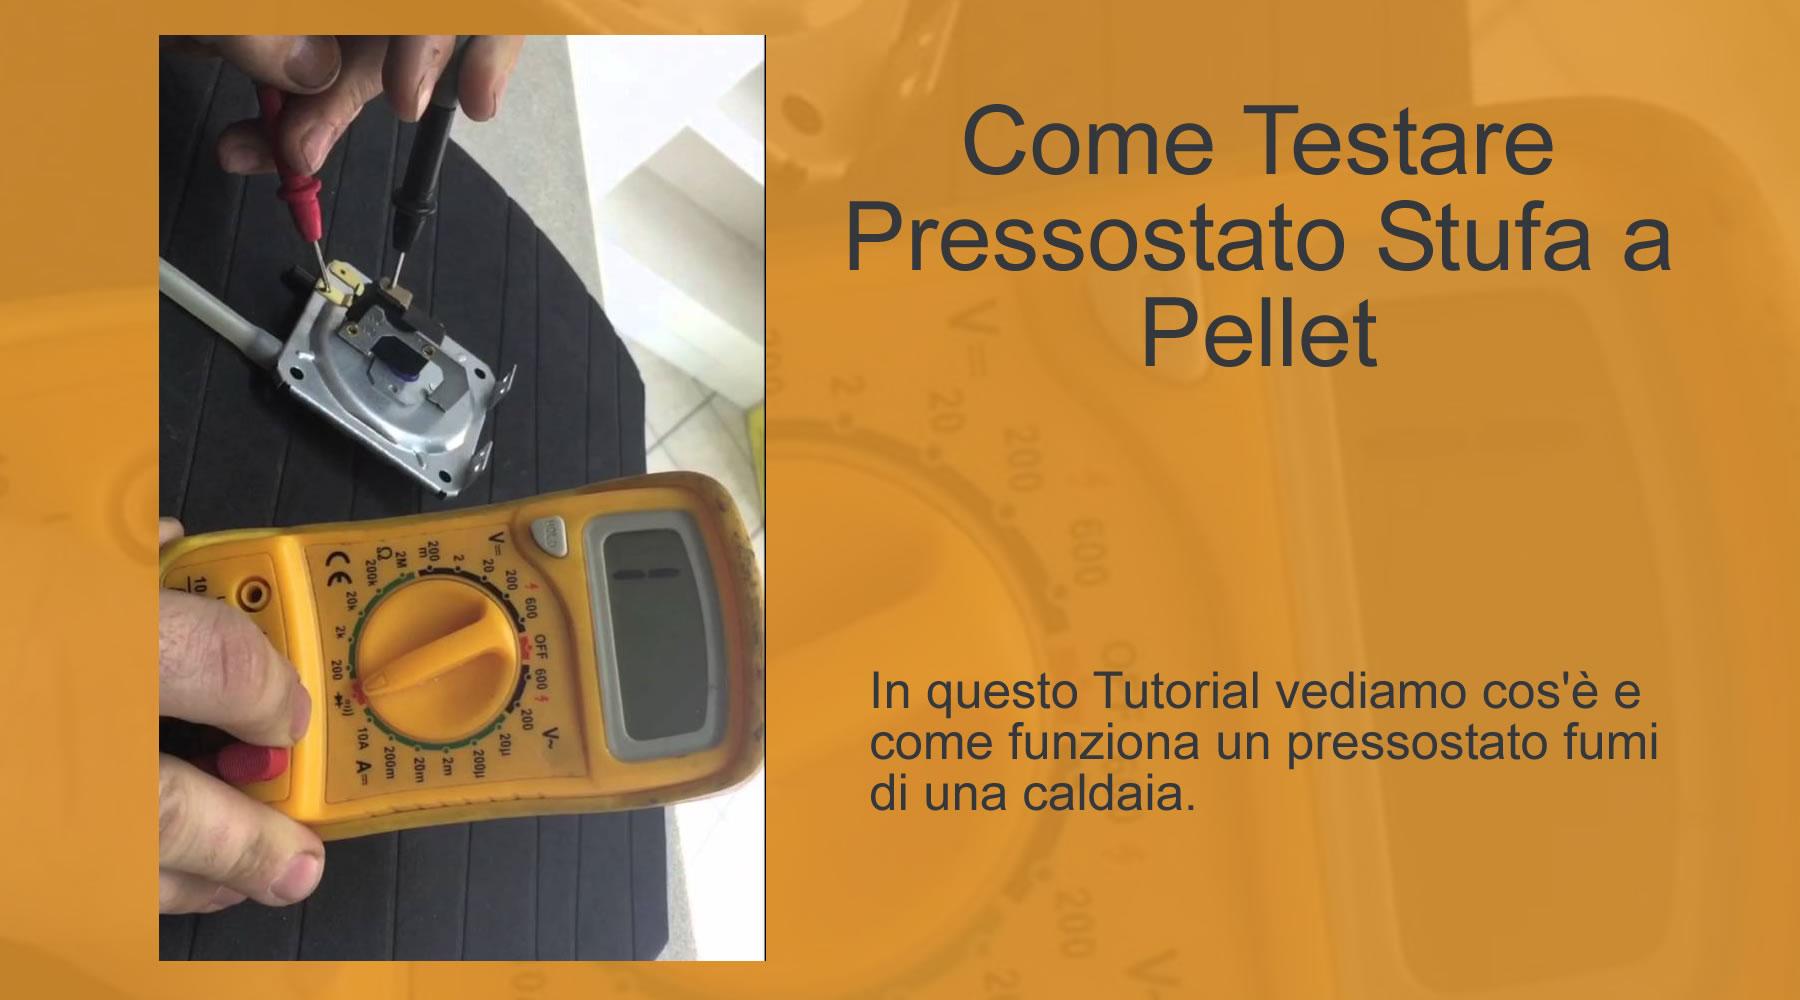 Schema Elettrico Pressostato Lavatrice : Come testare pressostato stufa a pellet bravi in casa